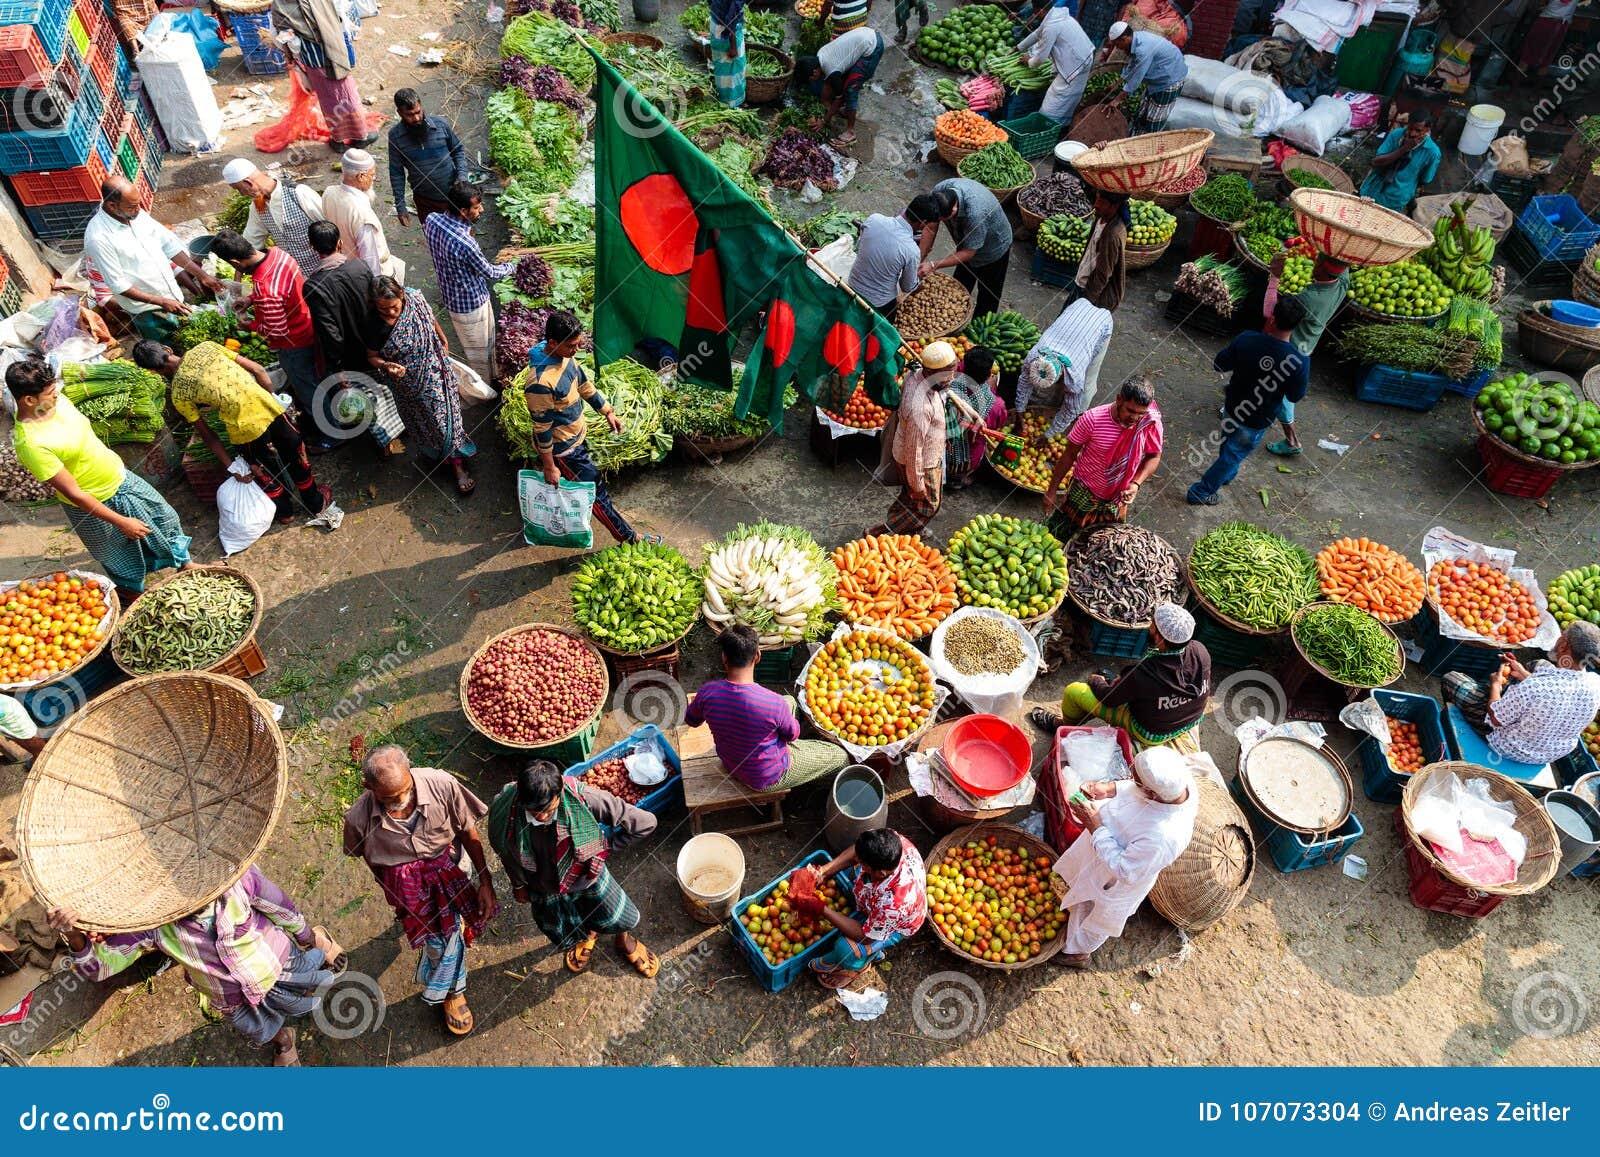 Panoramica della scena della via ad un mercato di verdure locale in Dacca, Bangladesh che mostra frutti del colorfull e le spezie